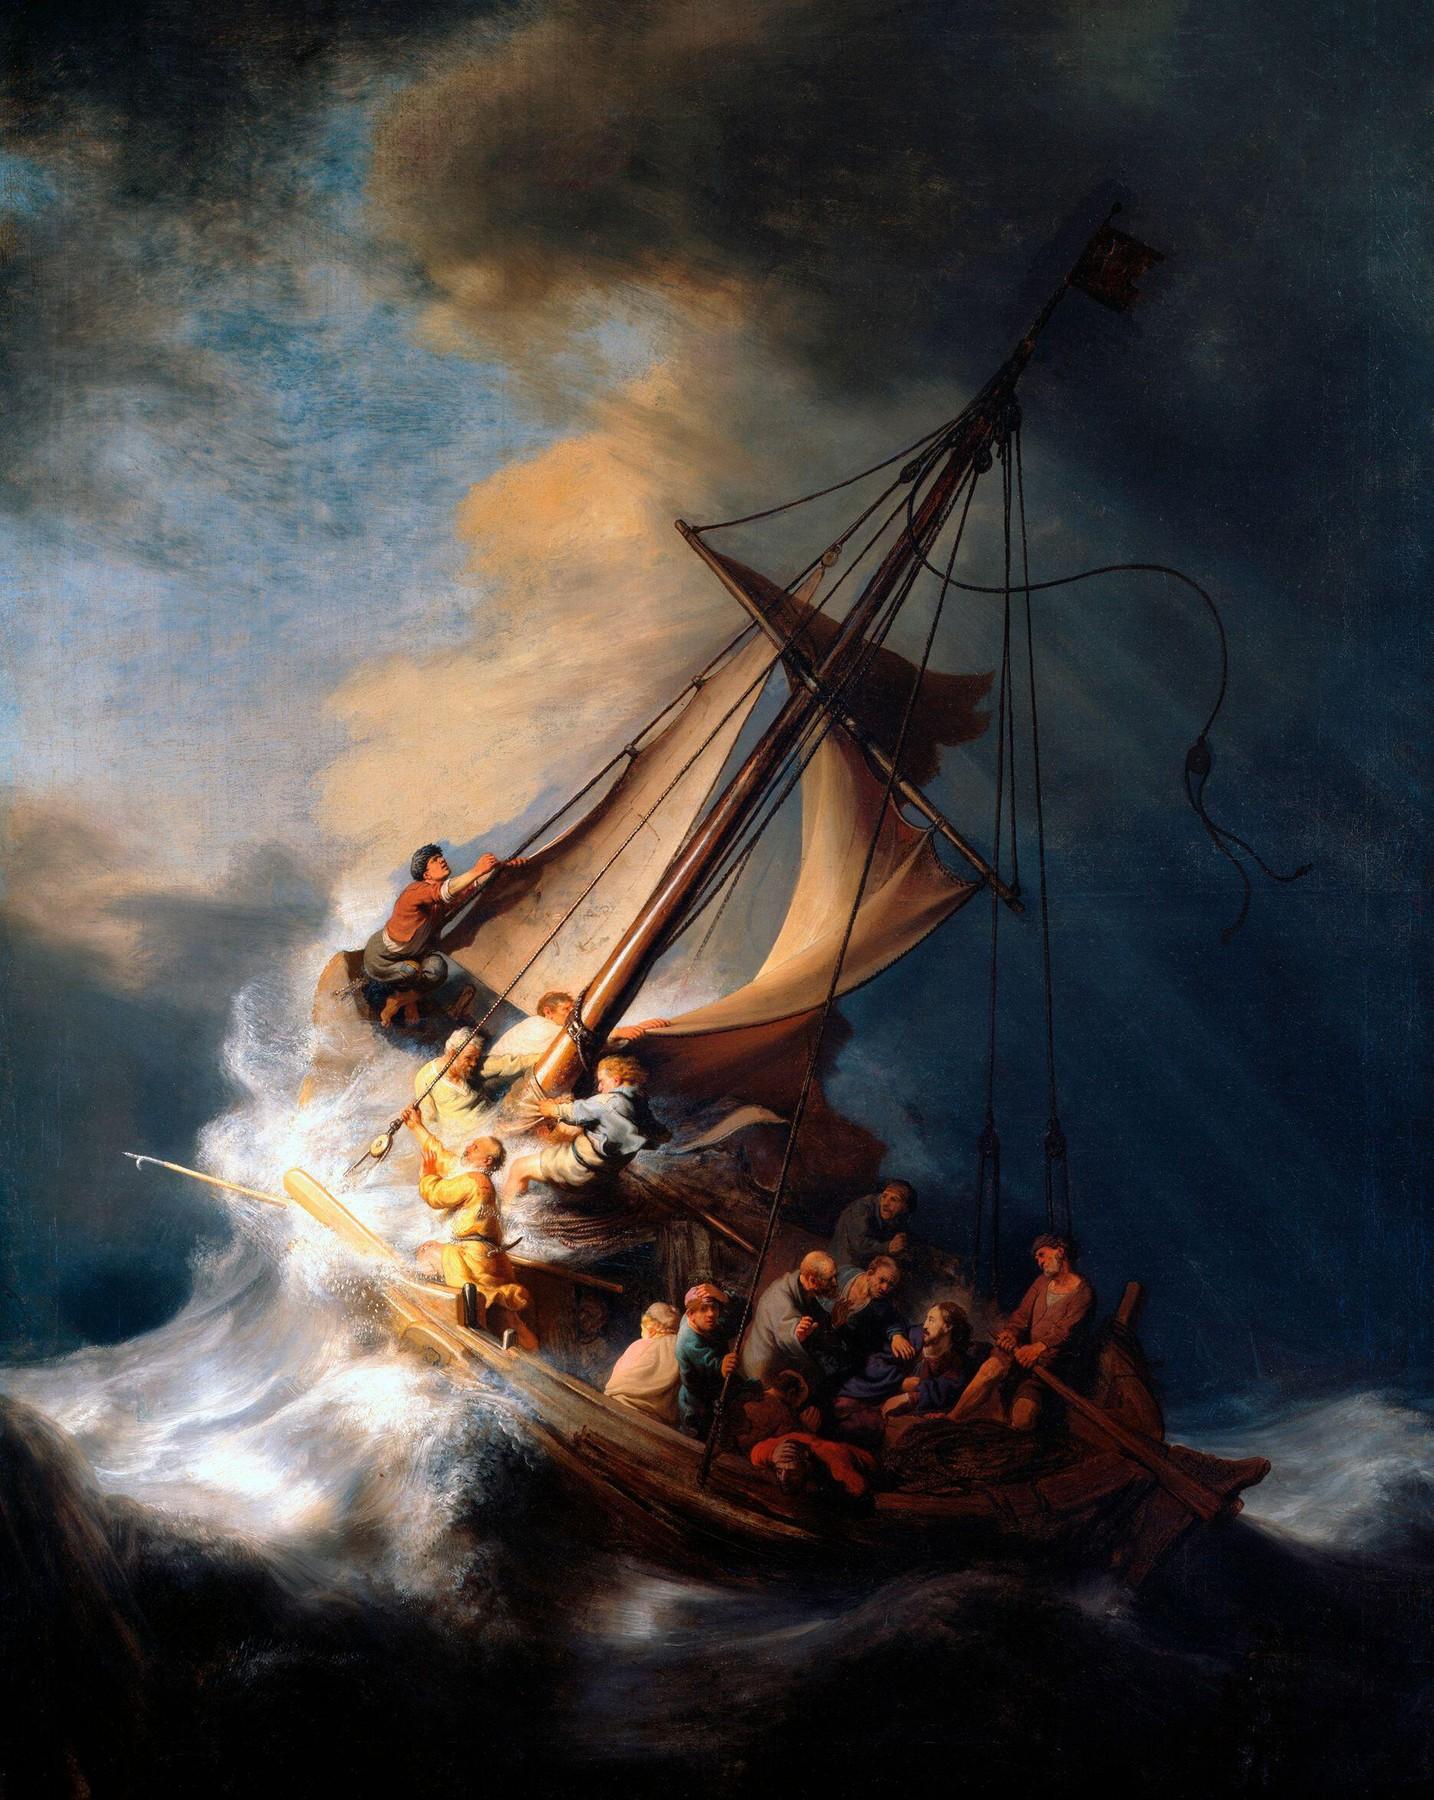 Oluja na Galilejskom moru, Rembrant